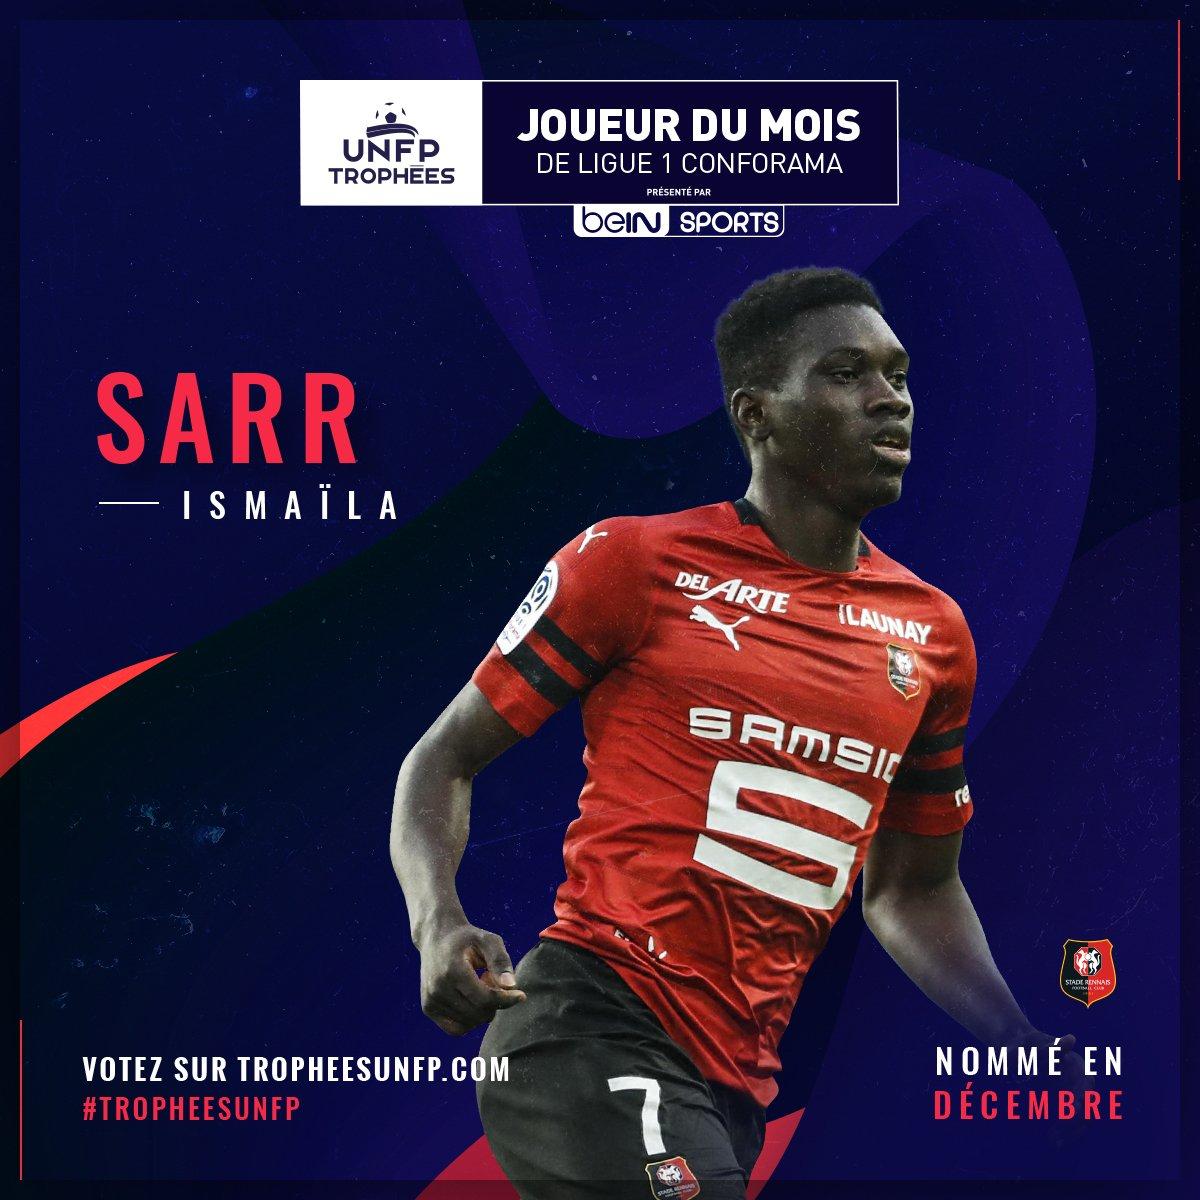 ROUGEmémoire 🔴⚫ SRFC en 1/16e's photo on Nicolas Pépé